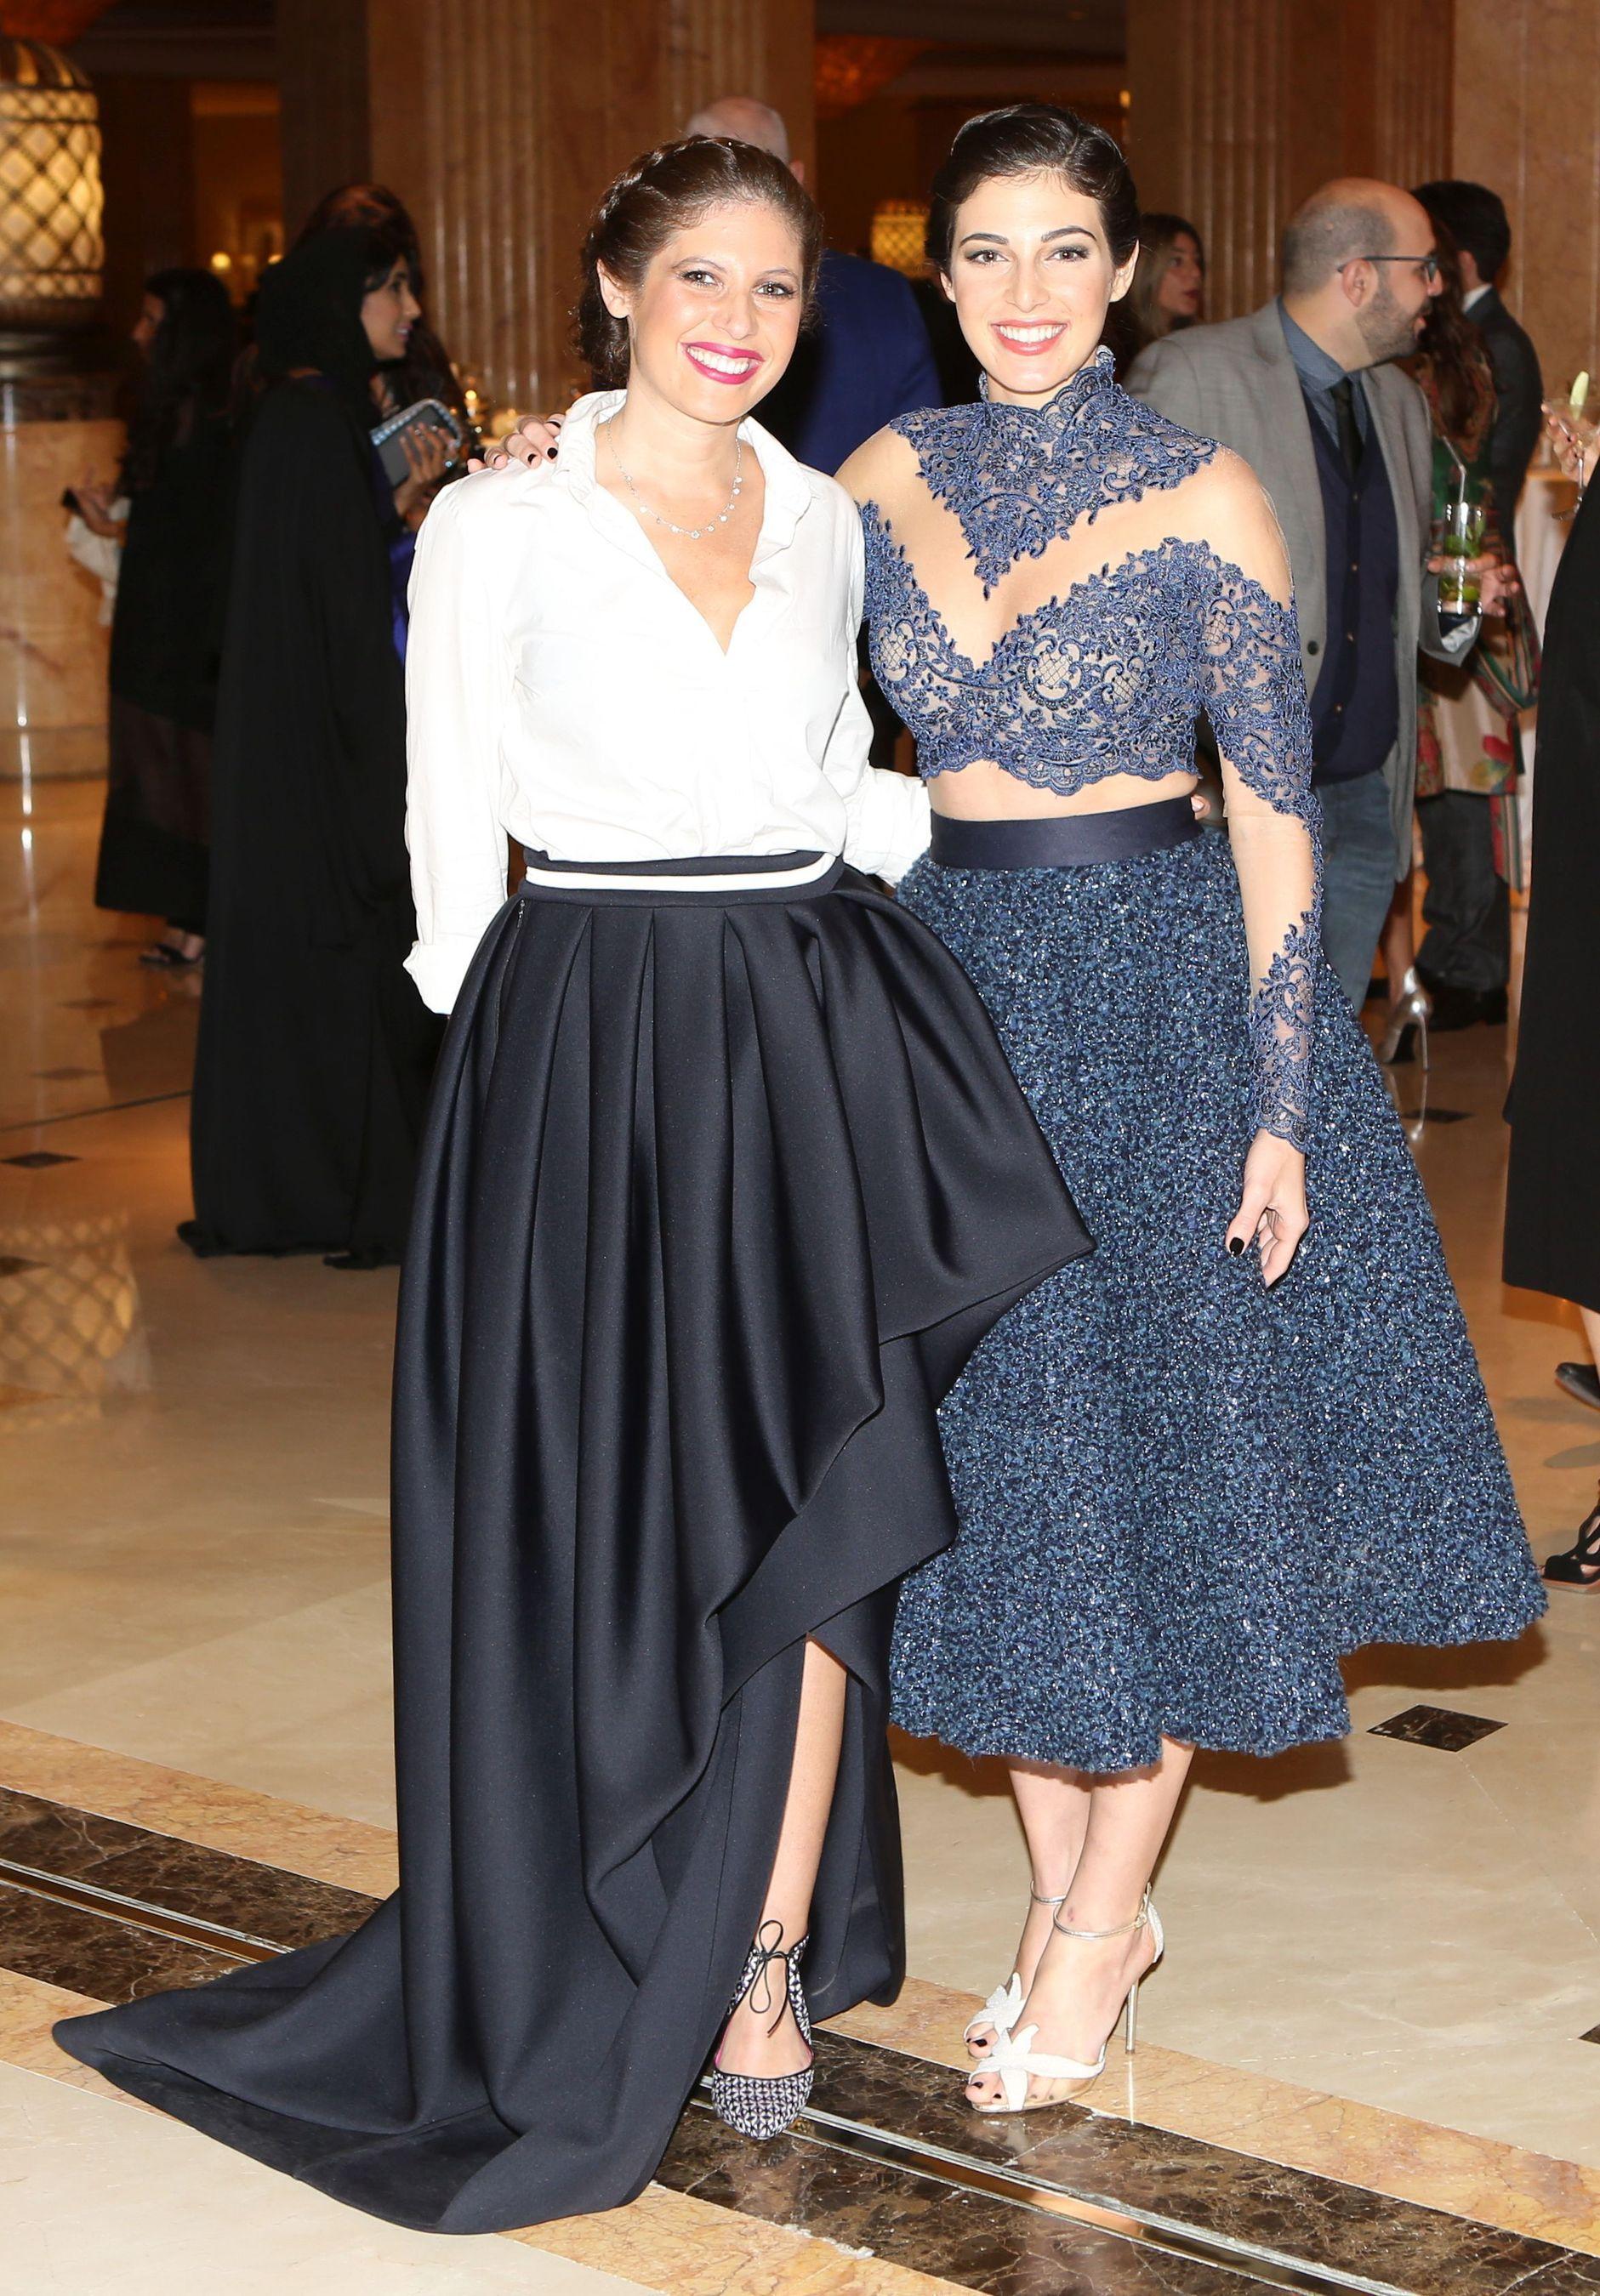 Sofia Guellaty and Razane Jammal (PRNewsFoto/Farfetch and Style_com_Arabia)